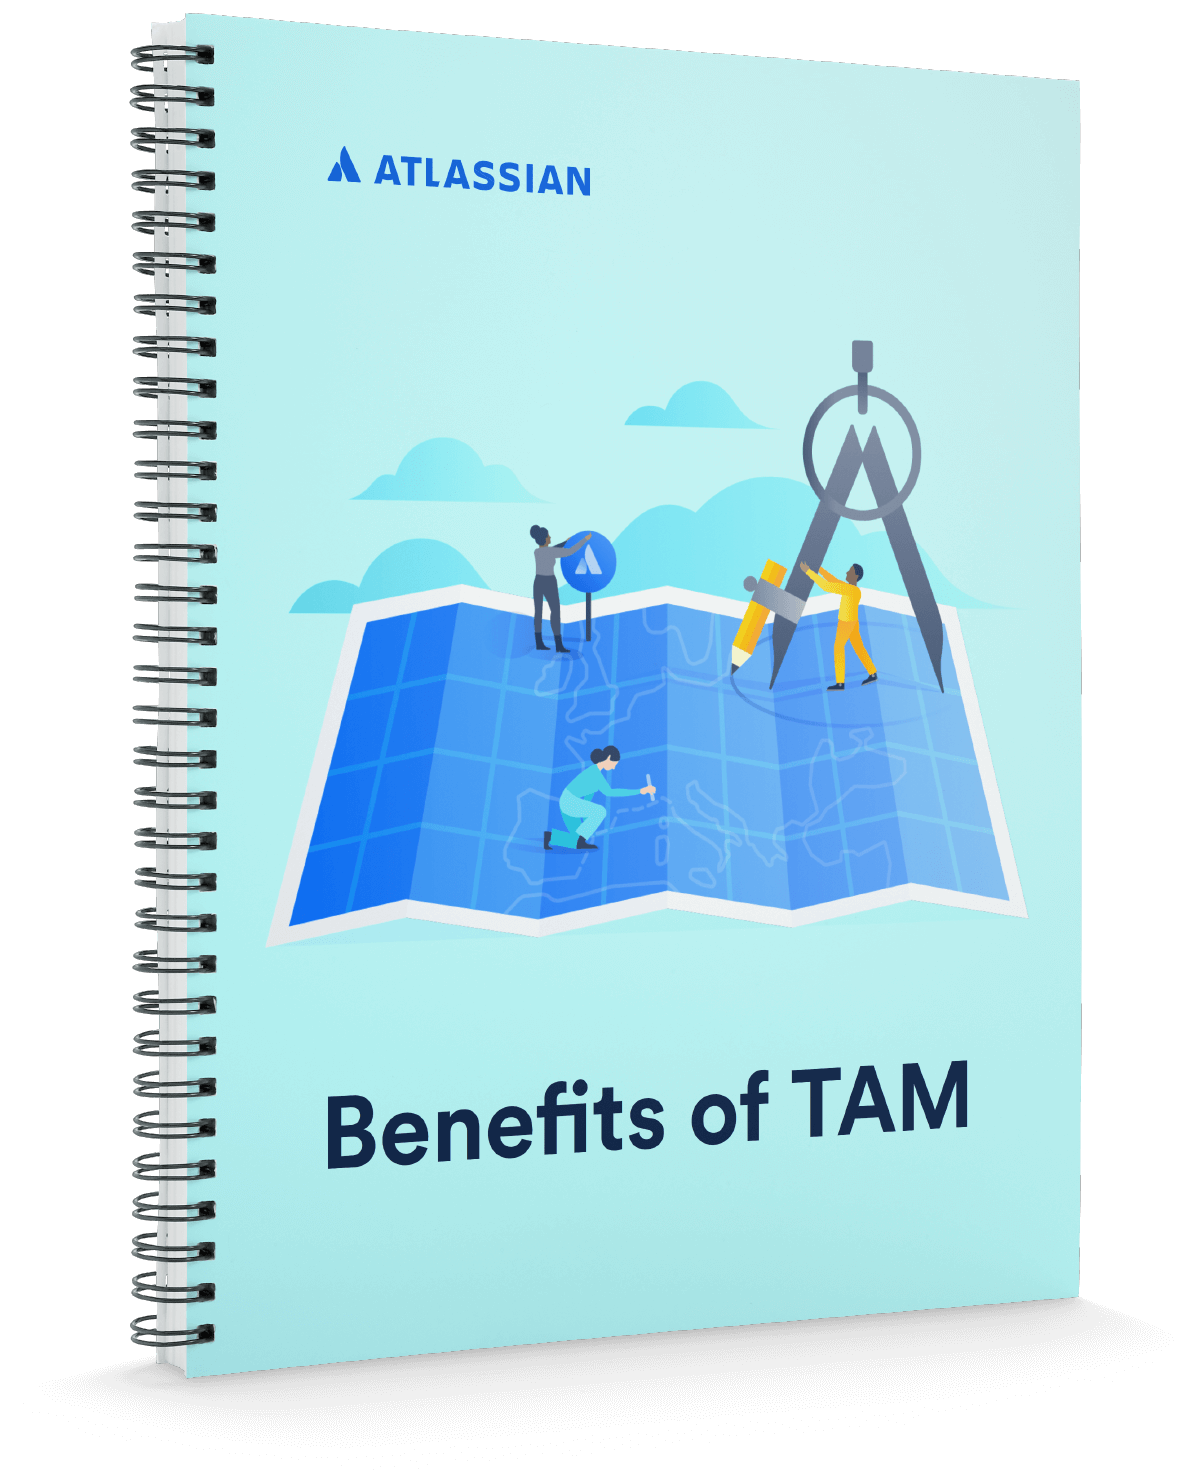 Capa do manual Os benefícios do TAM